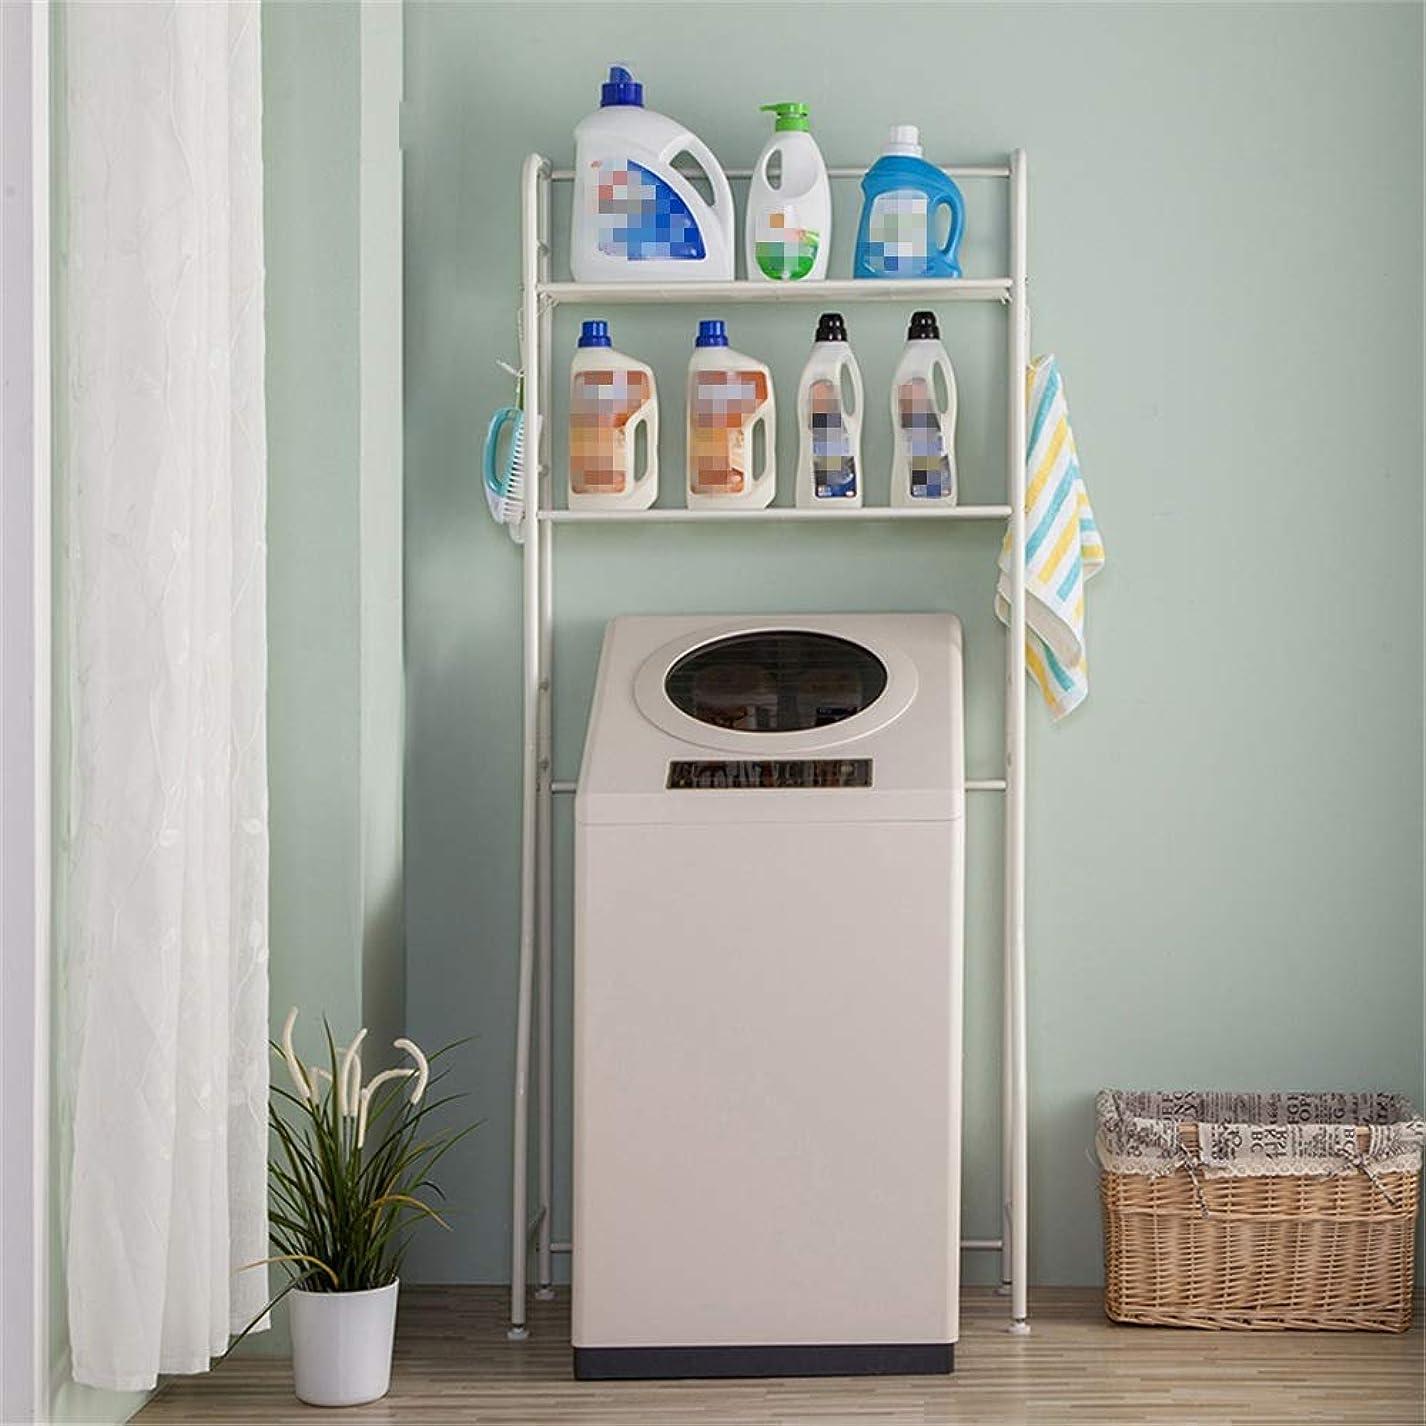 ロゴバルセロナ原子BXU-BG 主催ストレージオーバーザトイレ浴室収納スペースセーバー2ティア防錆洗濯機は、キッチン&バスルーム用の金属の浴室の棚ストレージラックシャワー